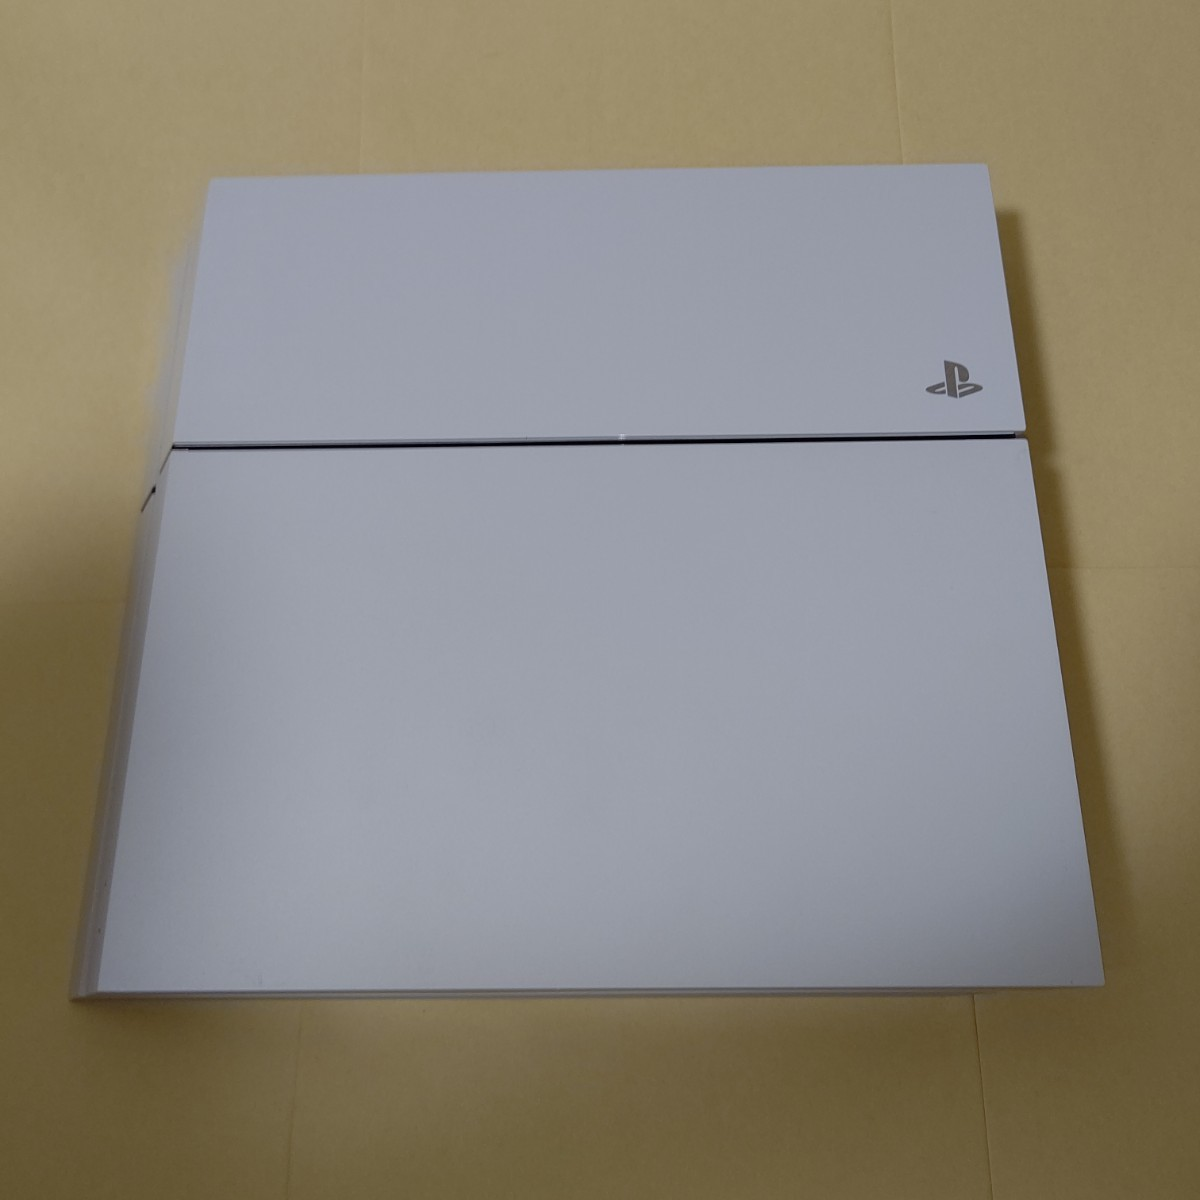 PlayStation 4 本体 PS4 500GB CUH-1100AB02